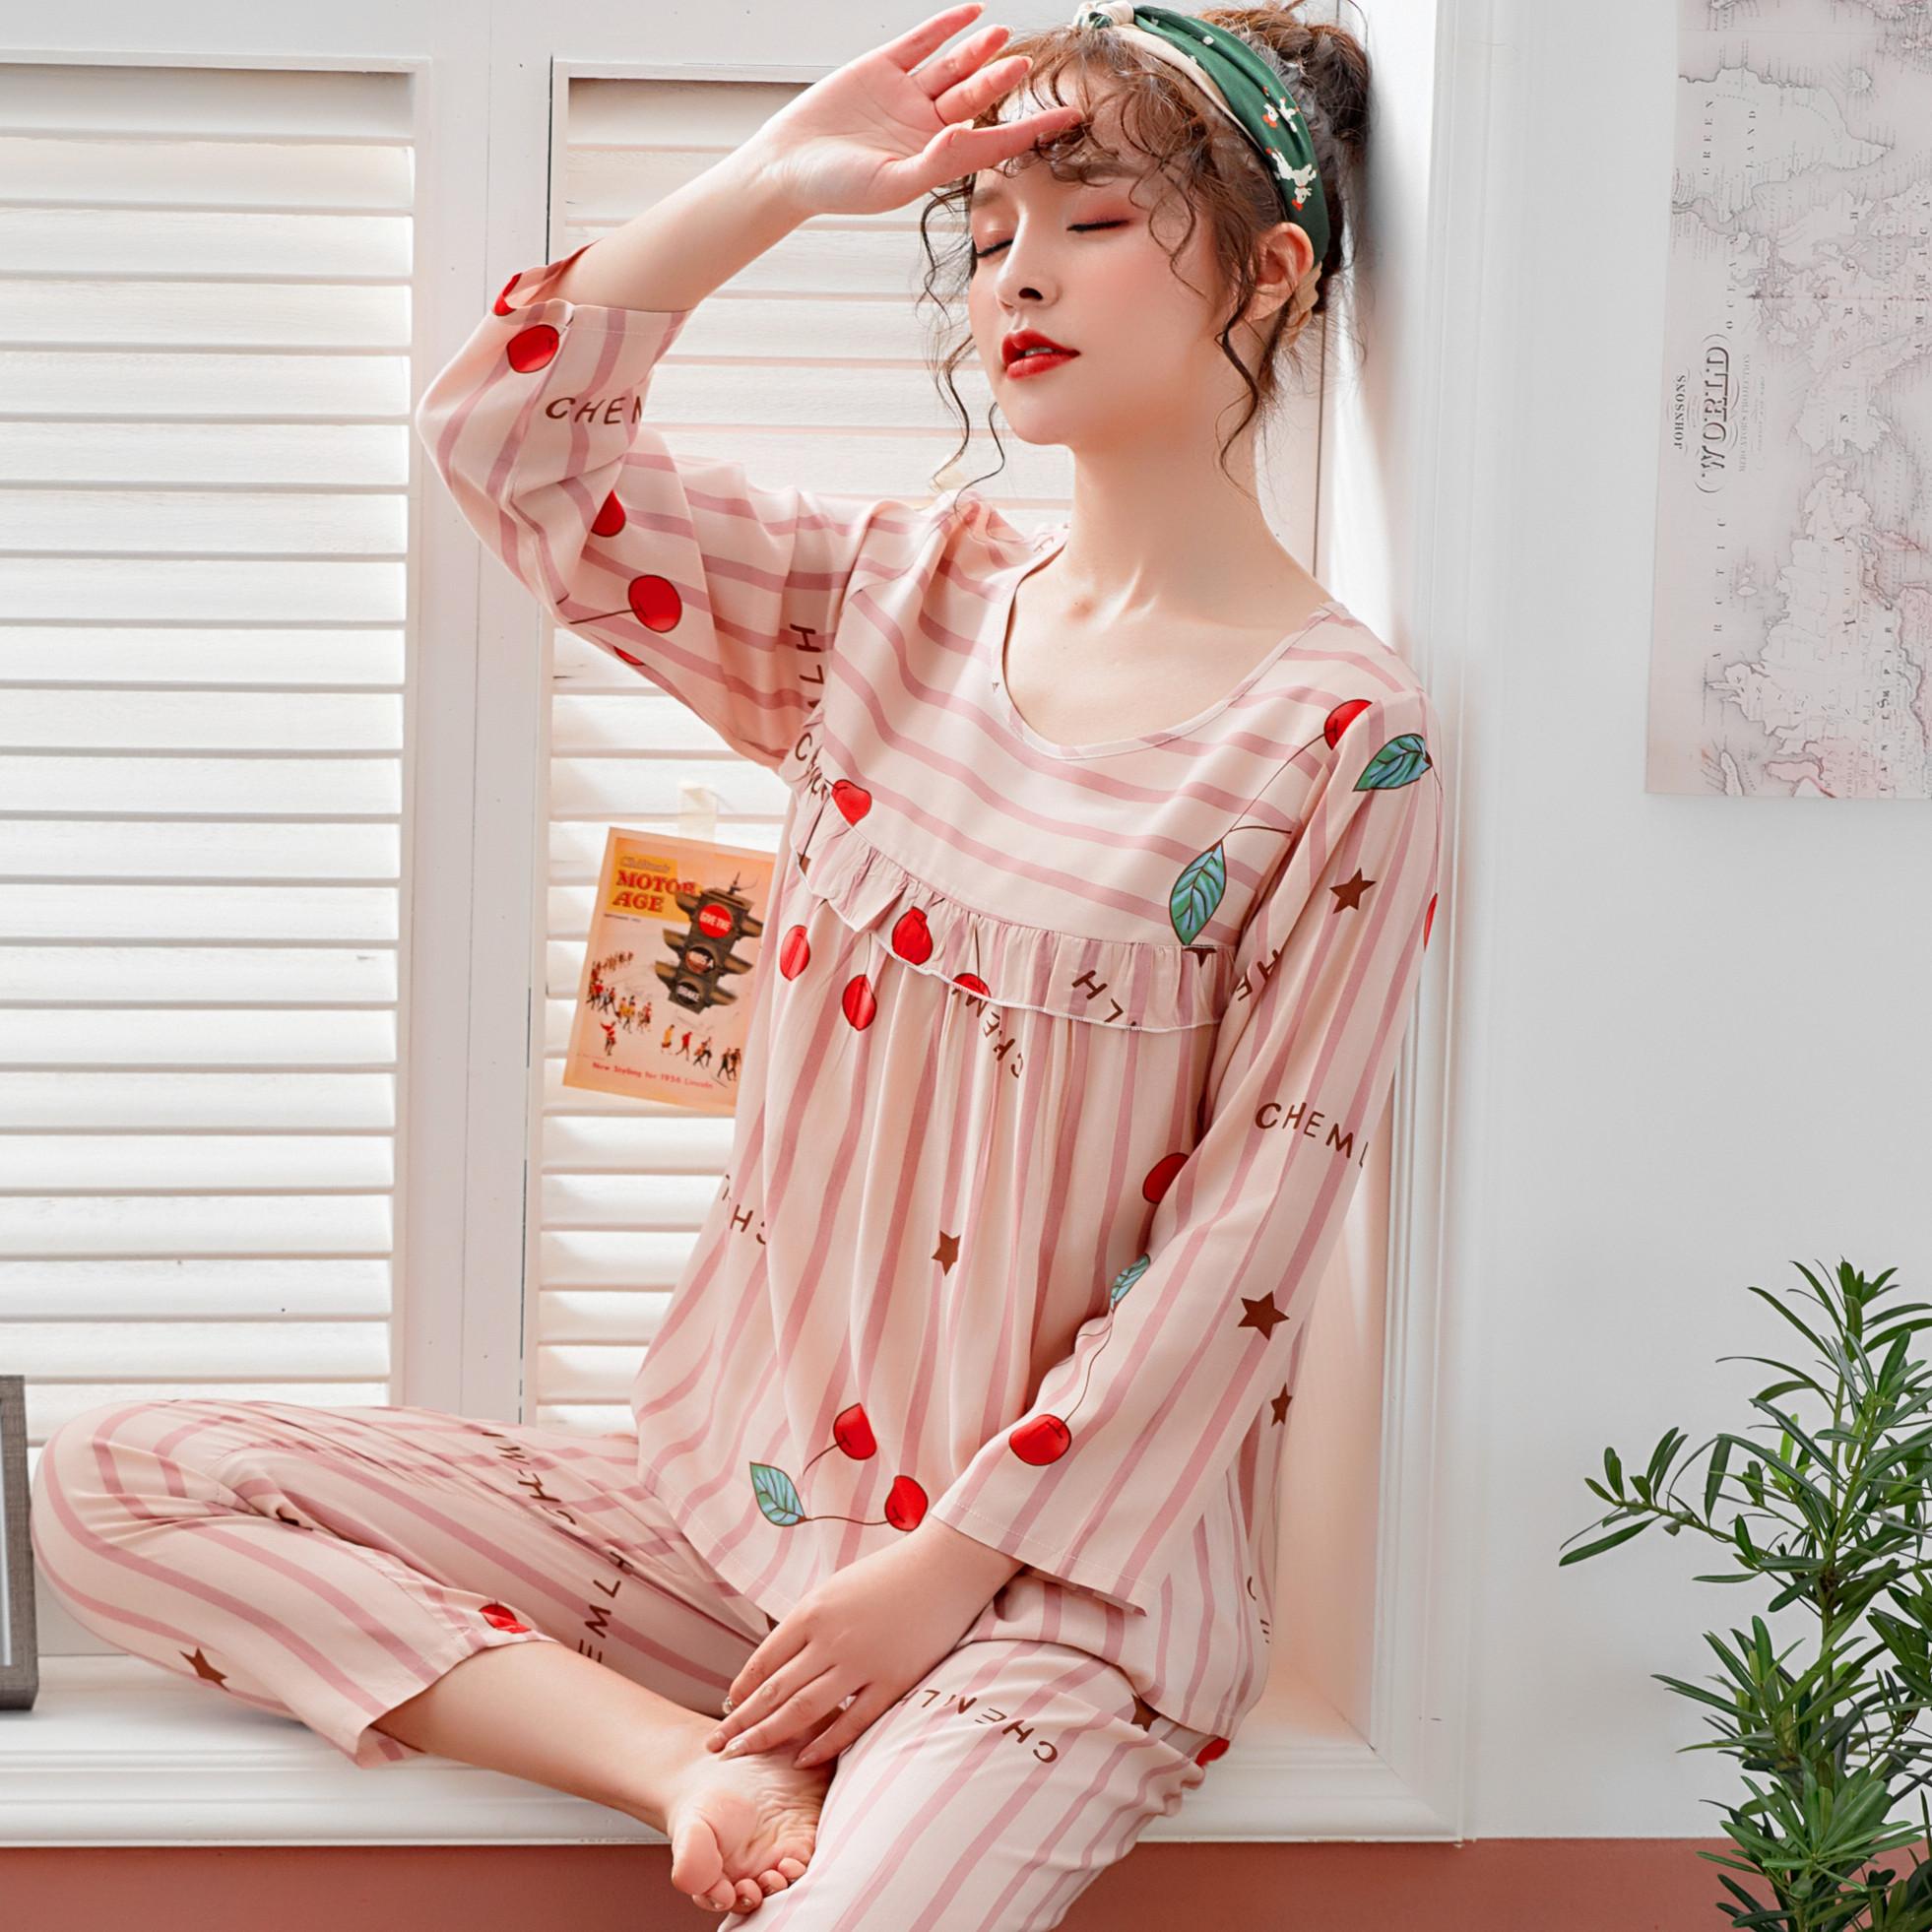 春秋季薄款长袖绵绸睡衣女夏季梭织纯棉绸人造棉女两件套装家居服